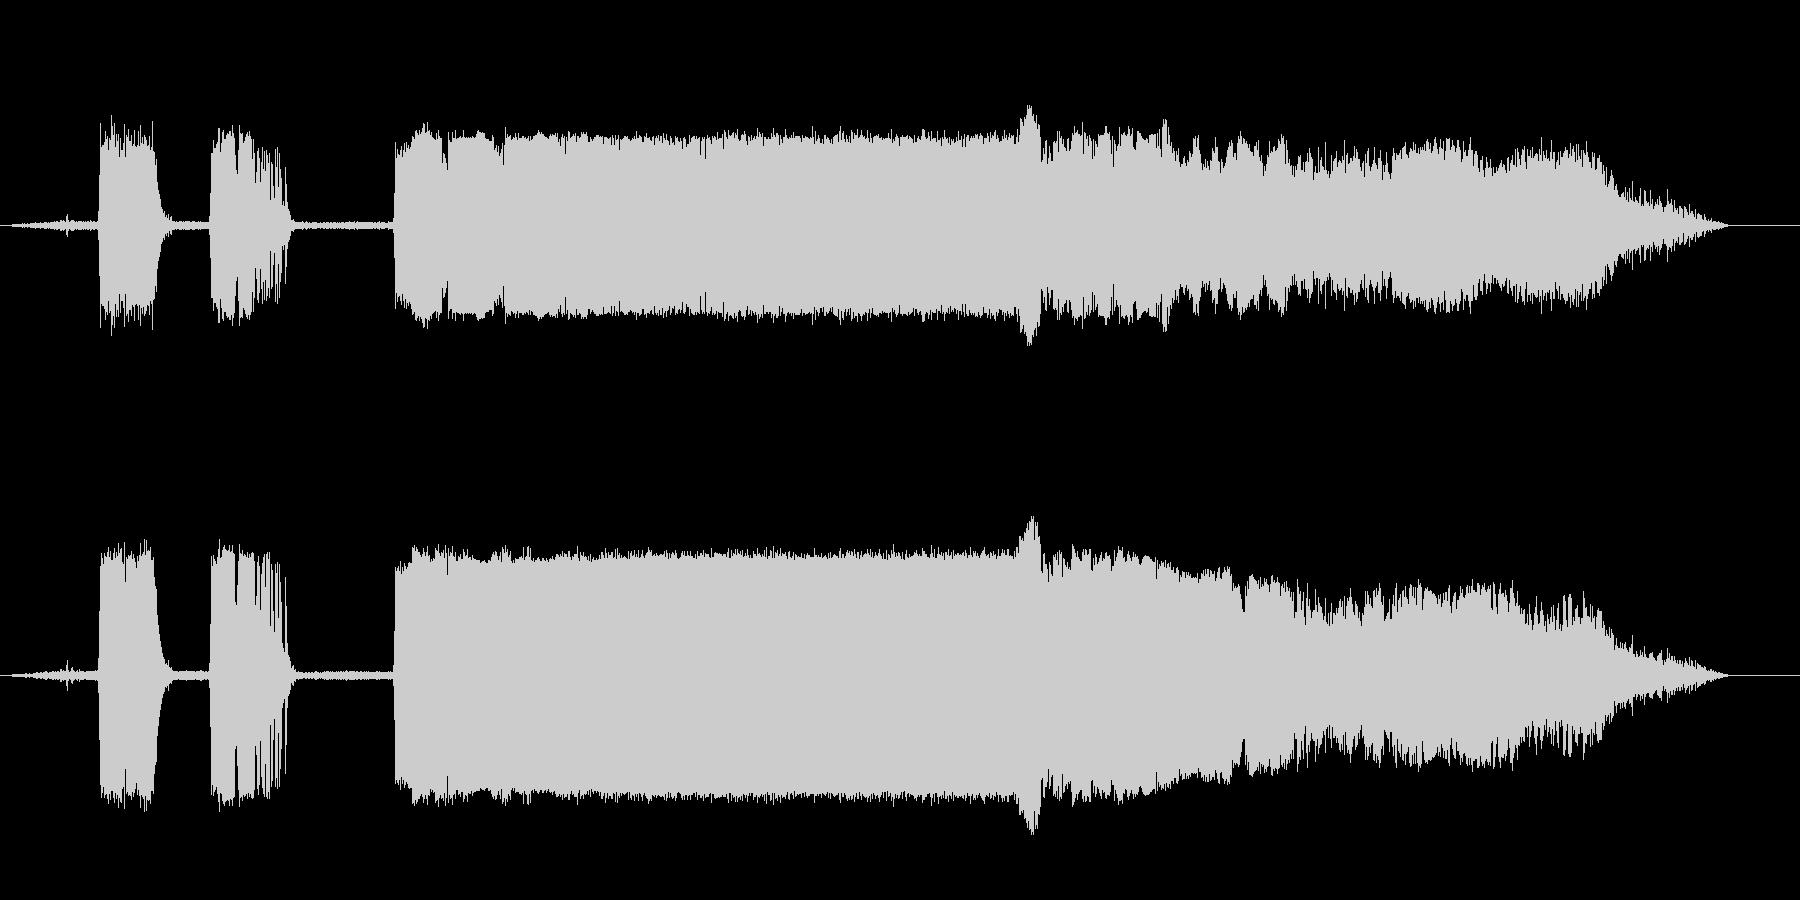 ビンテージフォーミュラ1;スタート...の未再生の波形